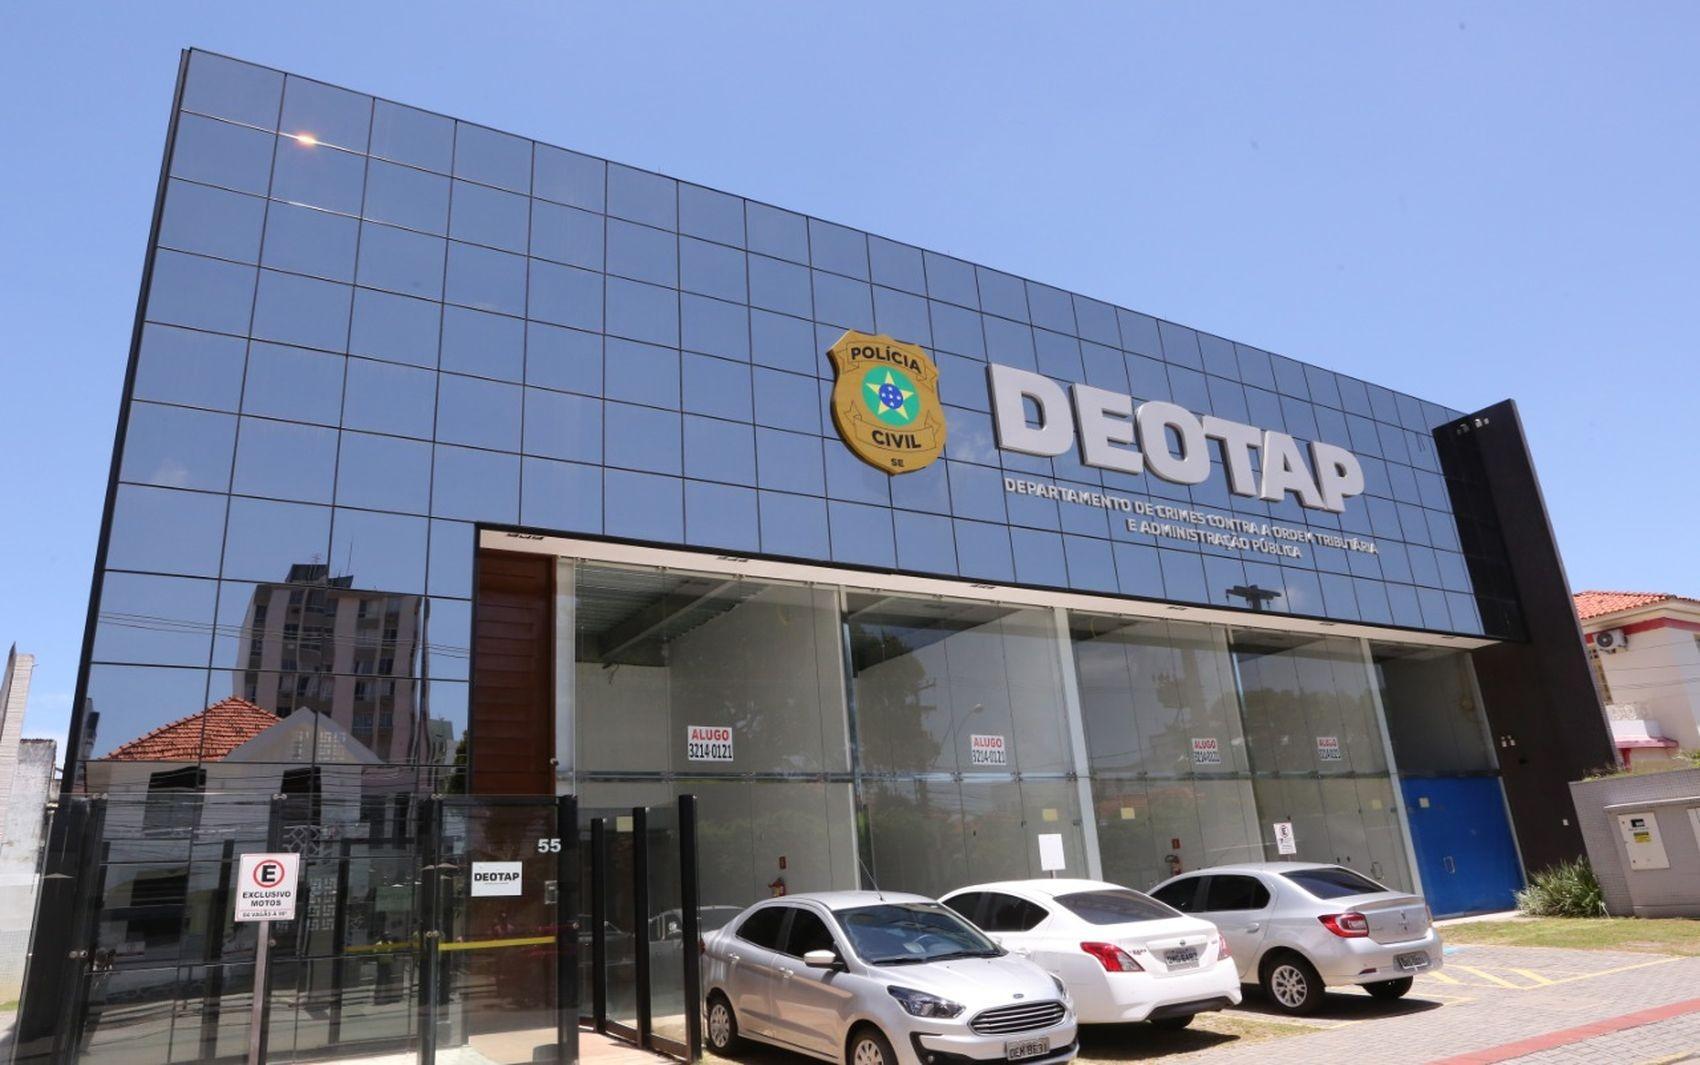 Inquéritos policiais tentam restituir R$ 62 milhões aos cofres do estado de Sergipe